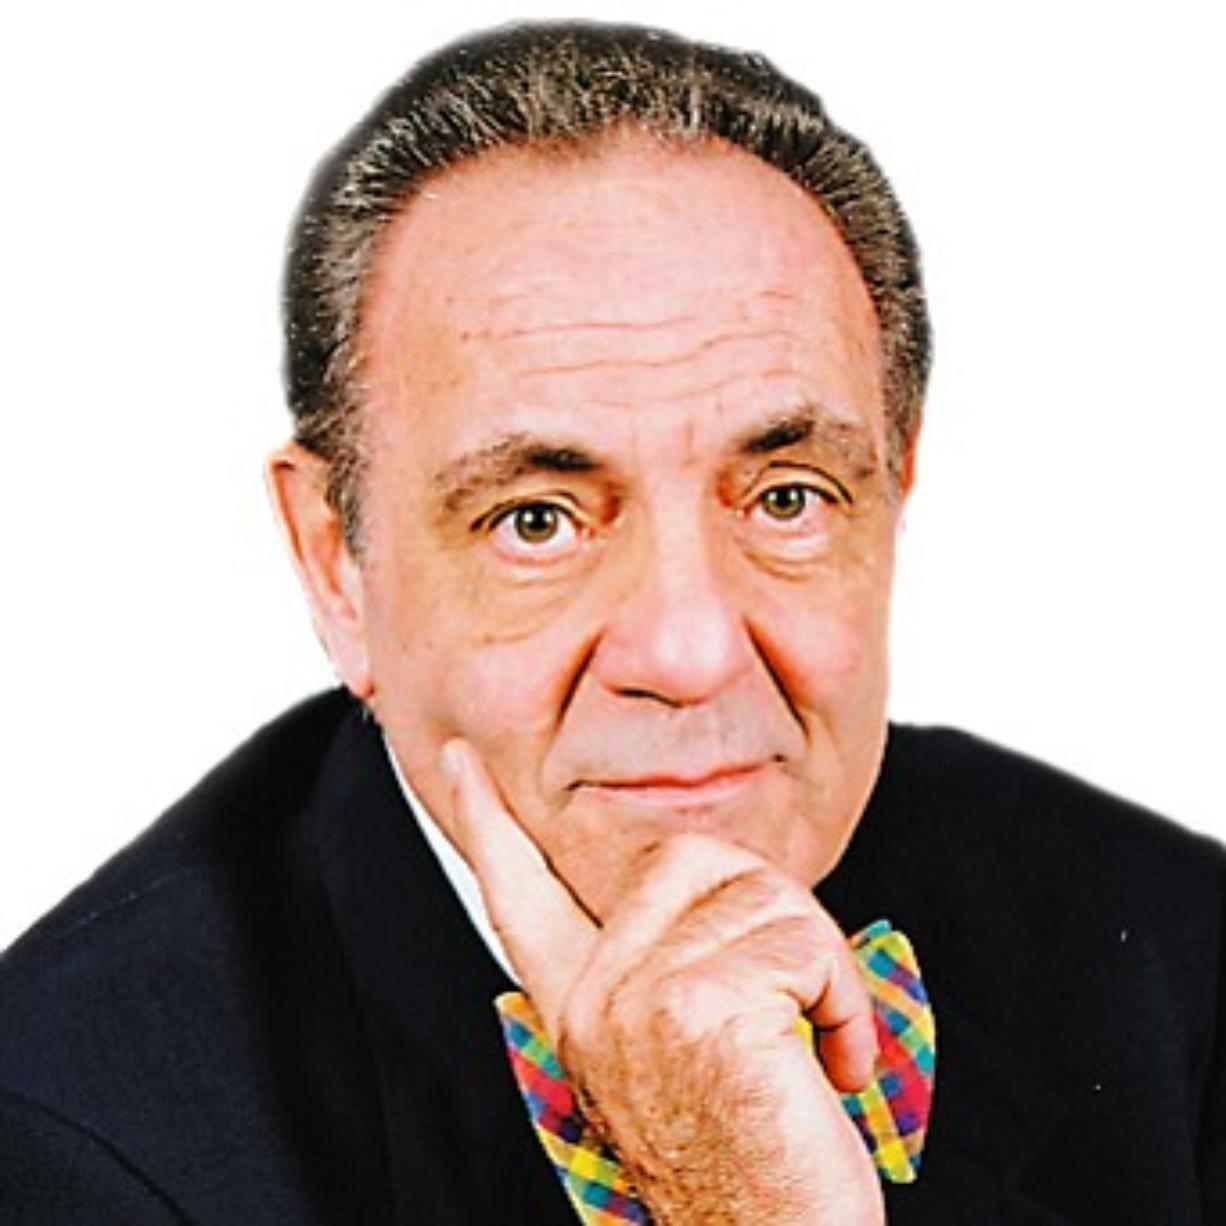 Malcolm Berko